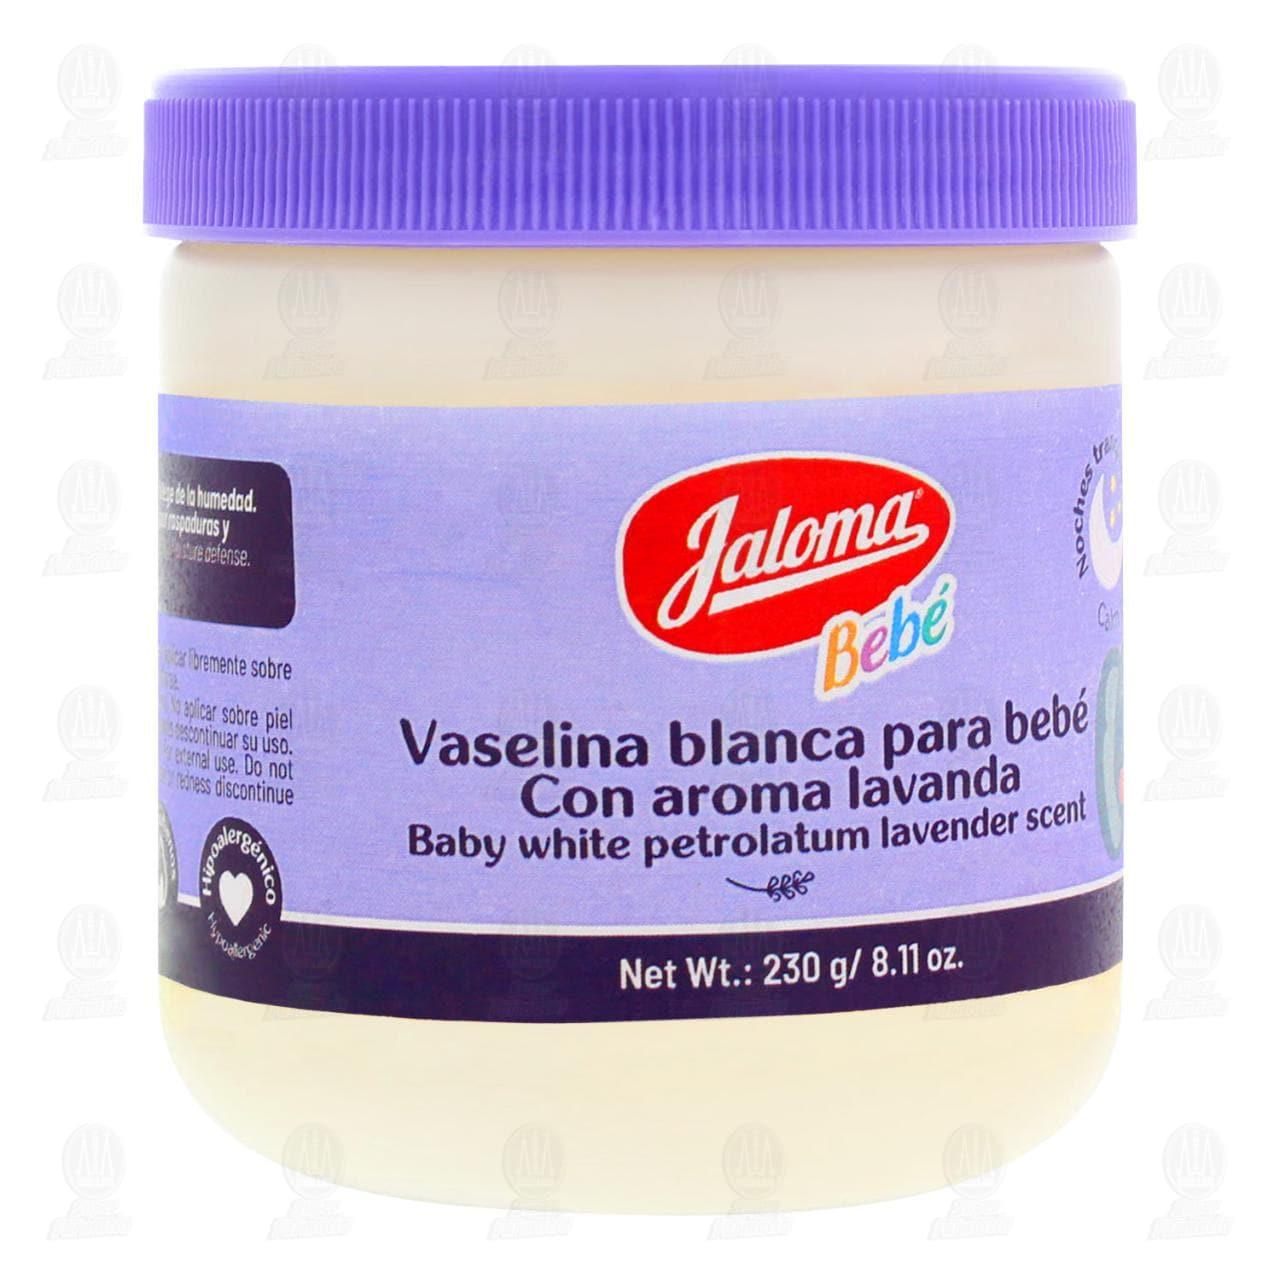 comprar https://www.movil.farmaciasguadalajara.com/wcsstore/FGCAS/wcs/products/1354299_A_1280_AL.jpg en farmacias guadalajara